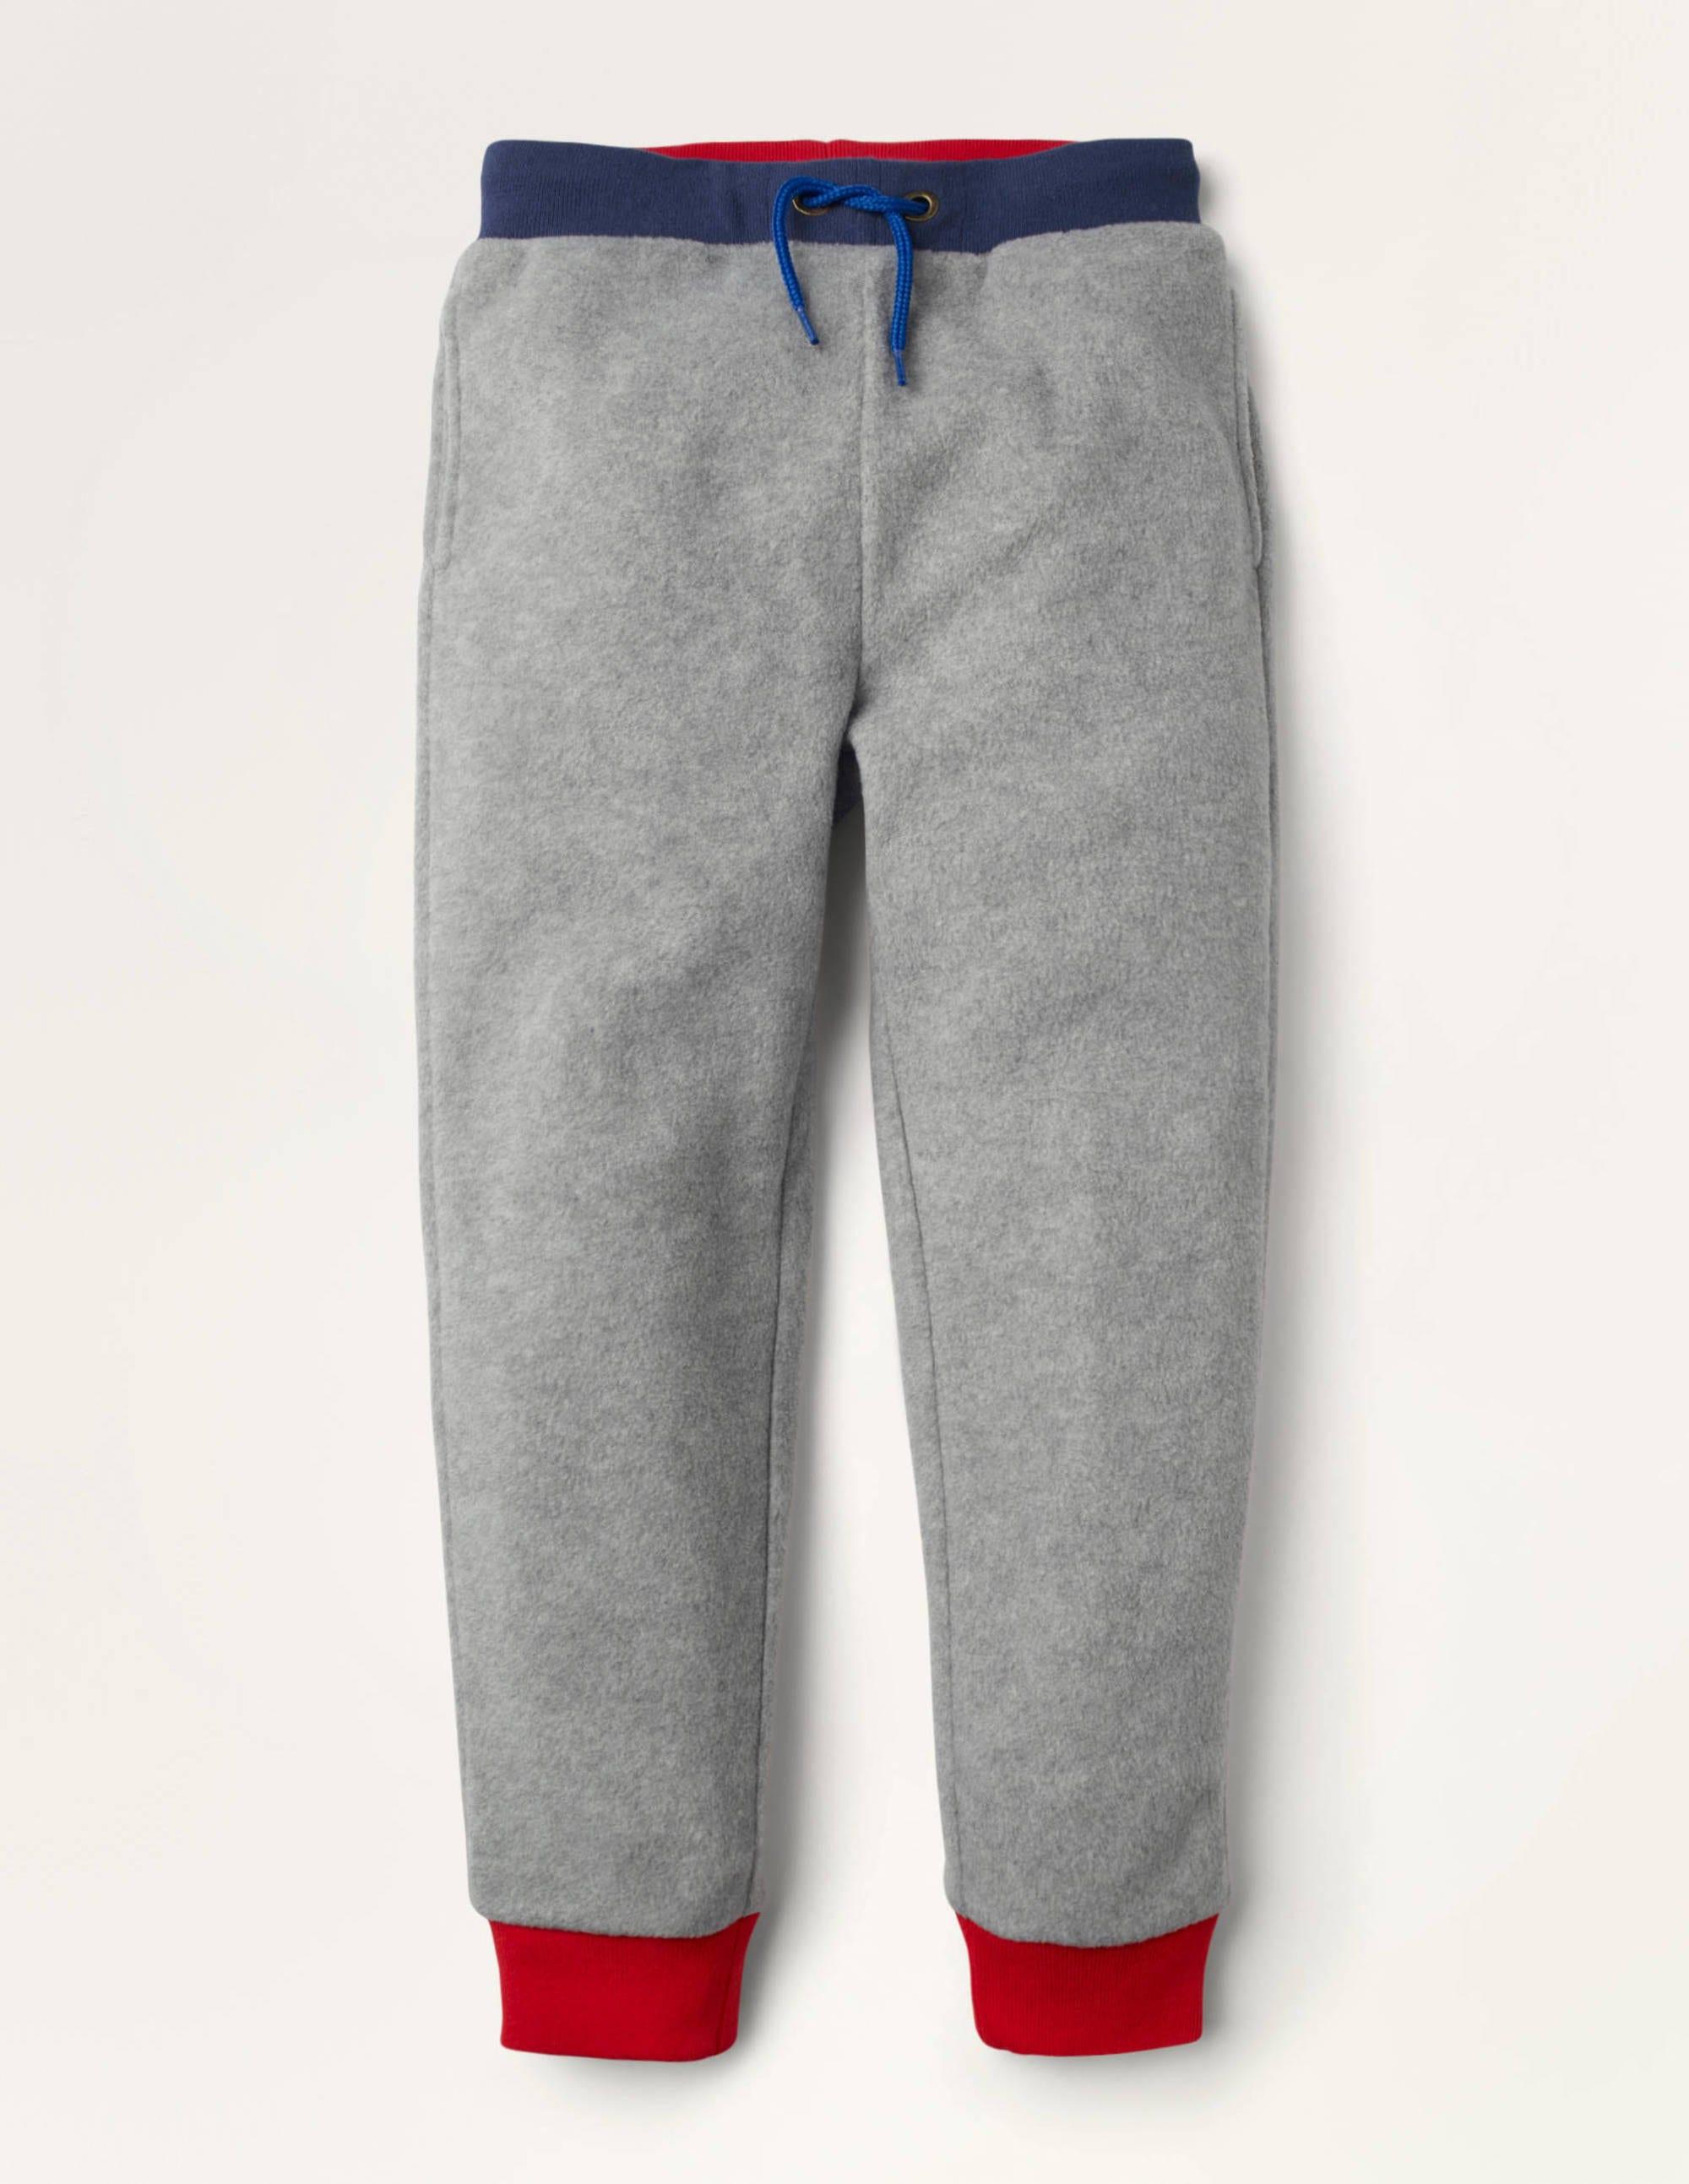 Mini Bas de jogging en micro-polaire GRY Garçon Boden, Grey - 5a